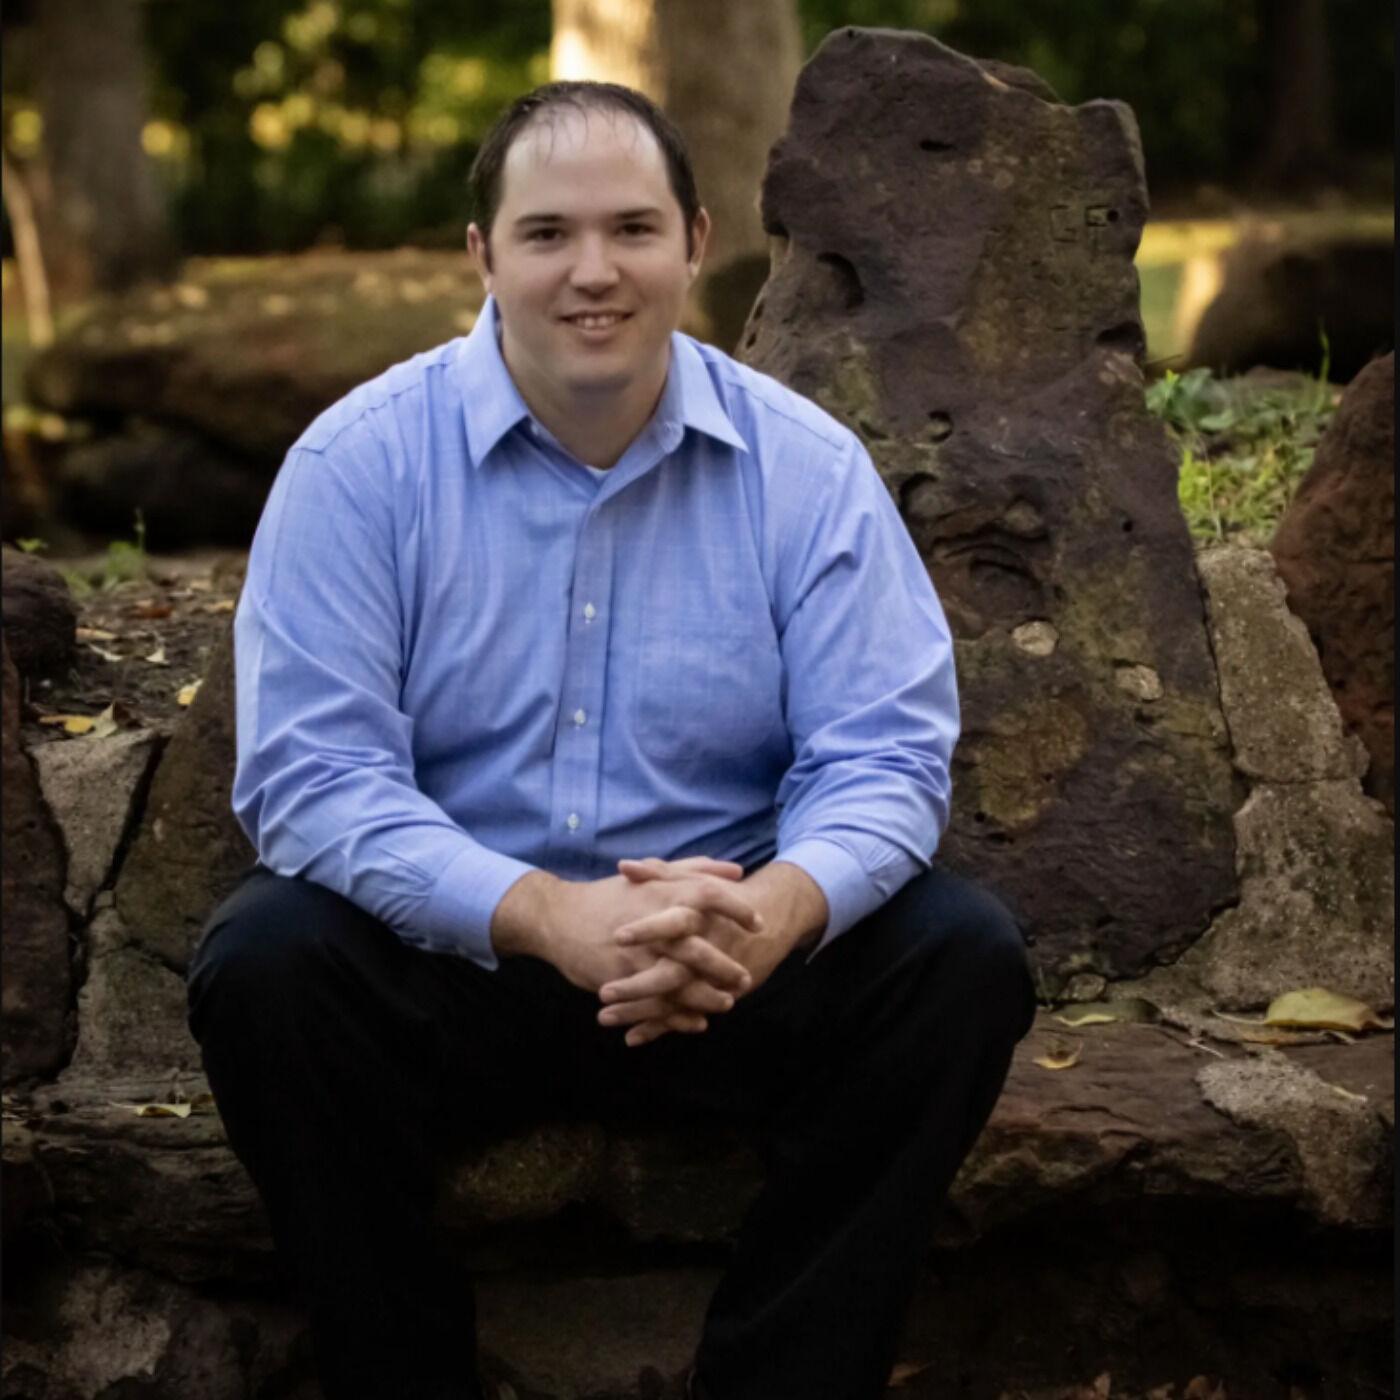 John Richmond: Author, Parent of an Autistic Son, & Observer of Unique Autistic Methods Episode 2